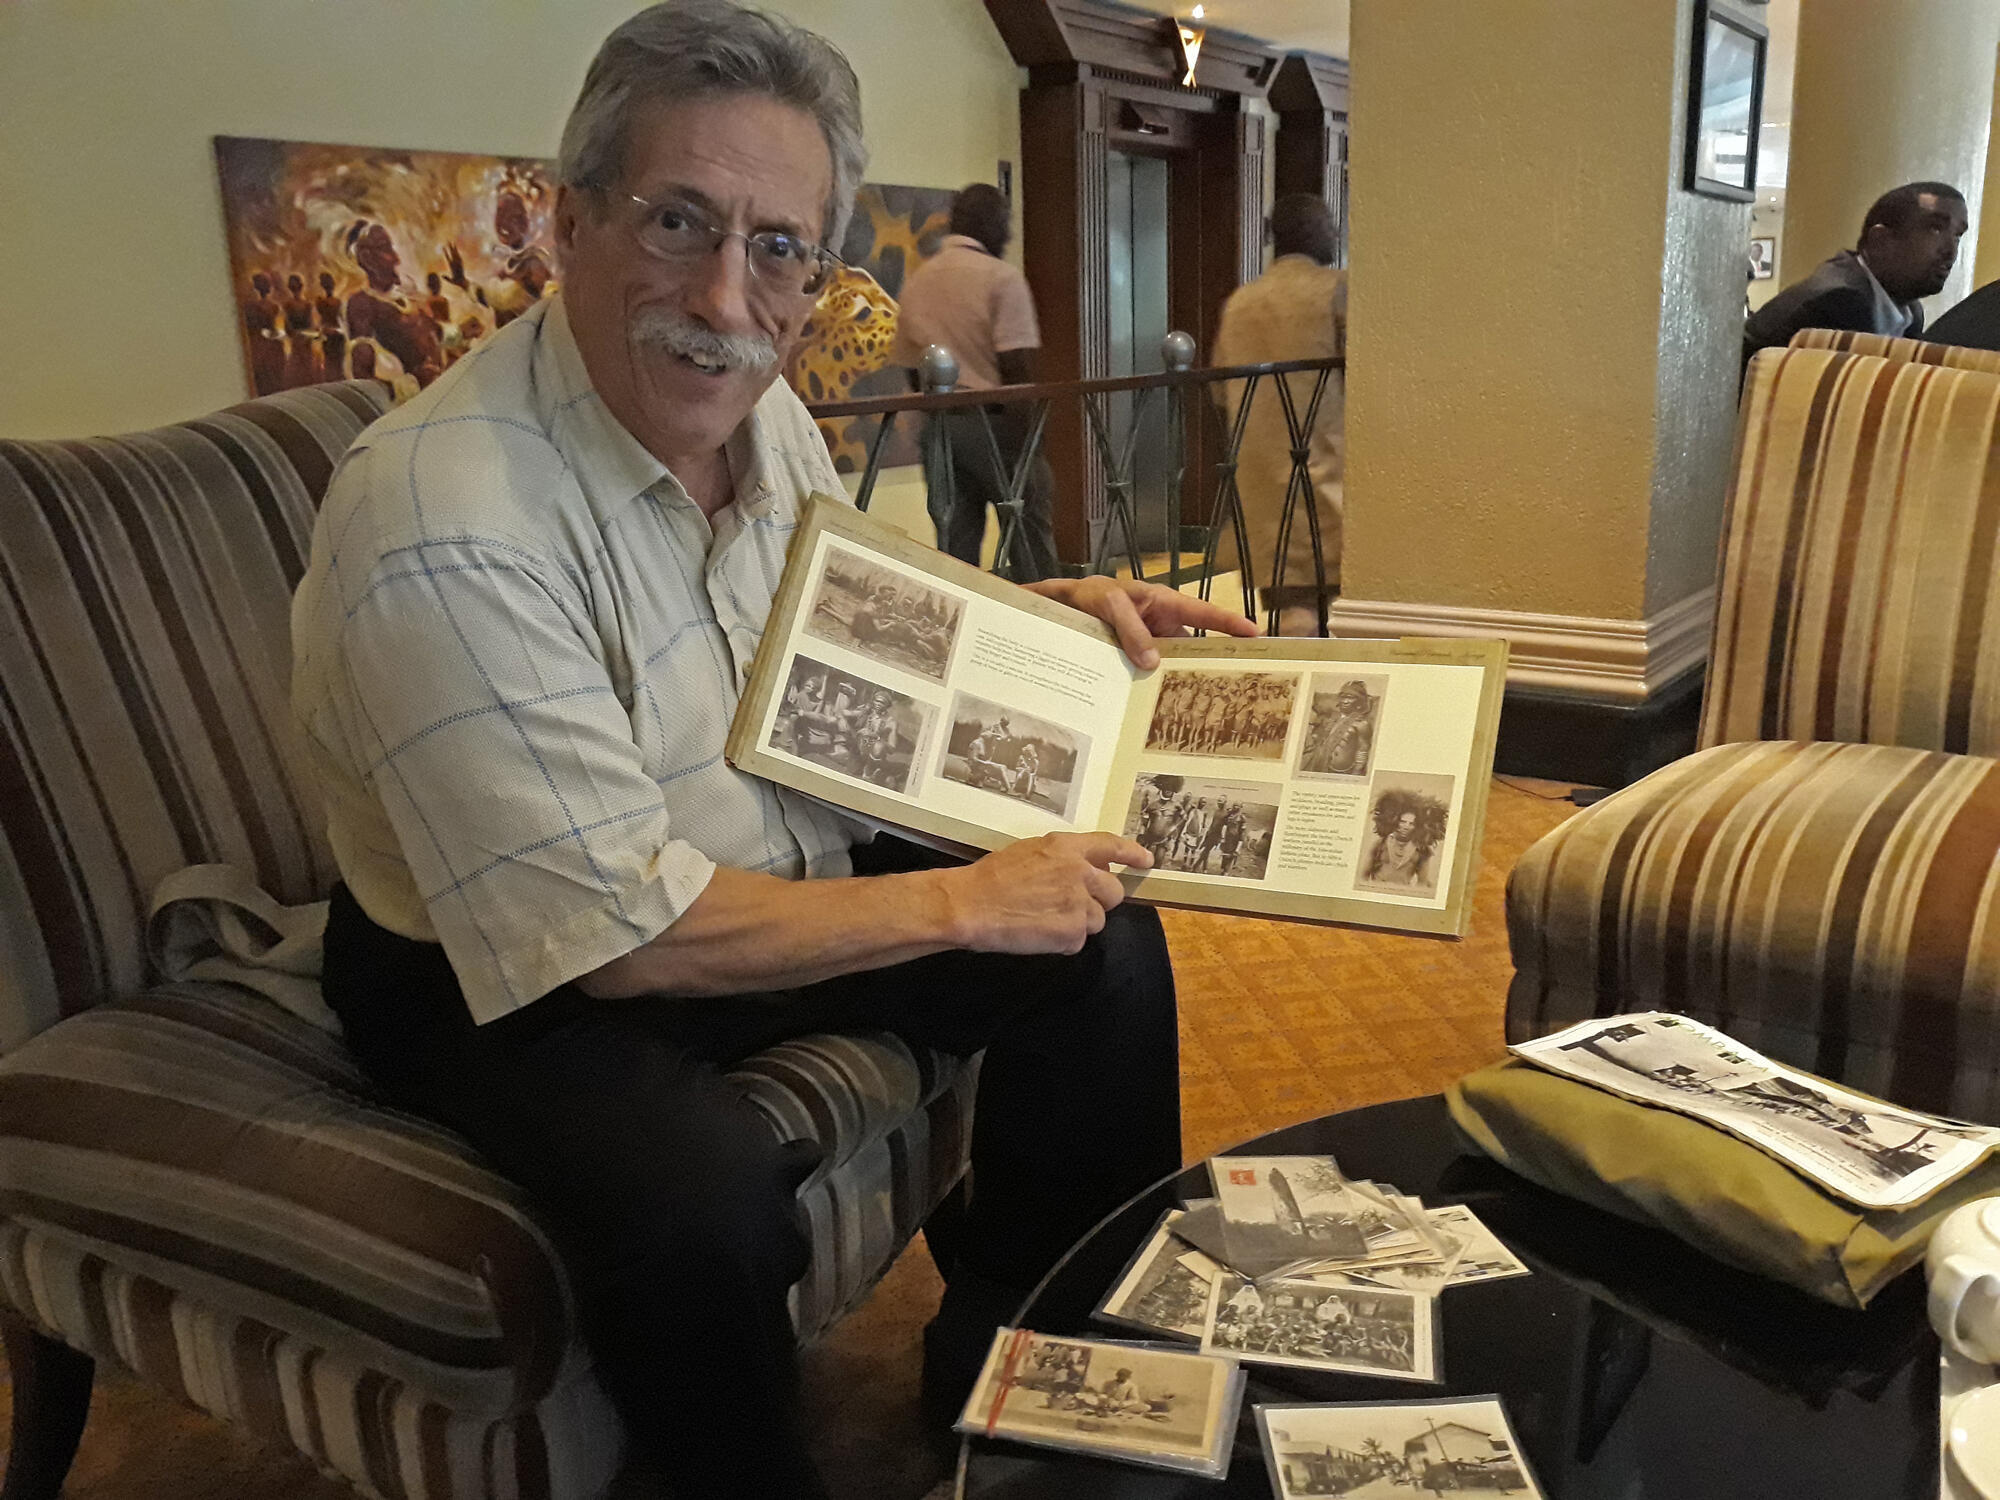 Originaire du sud de la France, Joël Bertrand a travaillé en Ouganda, au Nigéria, au Burundi, au Kenya. Il a écrit un livre sur sa collection, tient des conférences et expose.